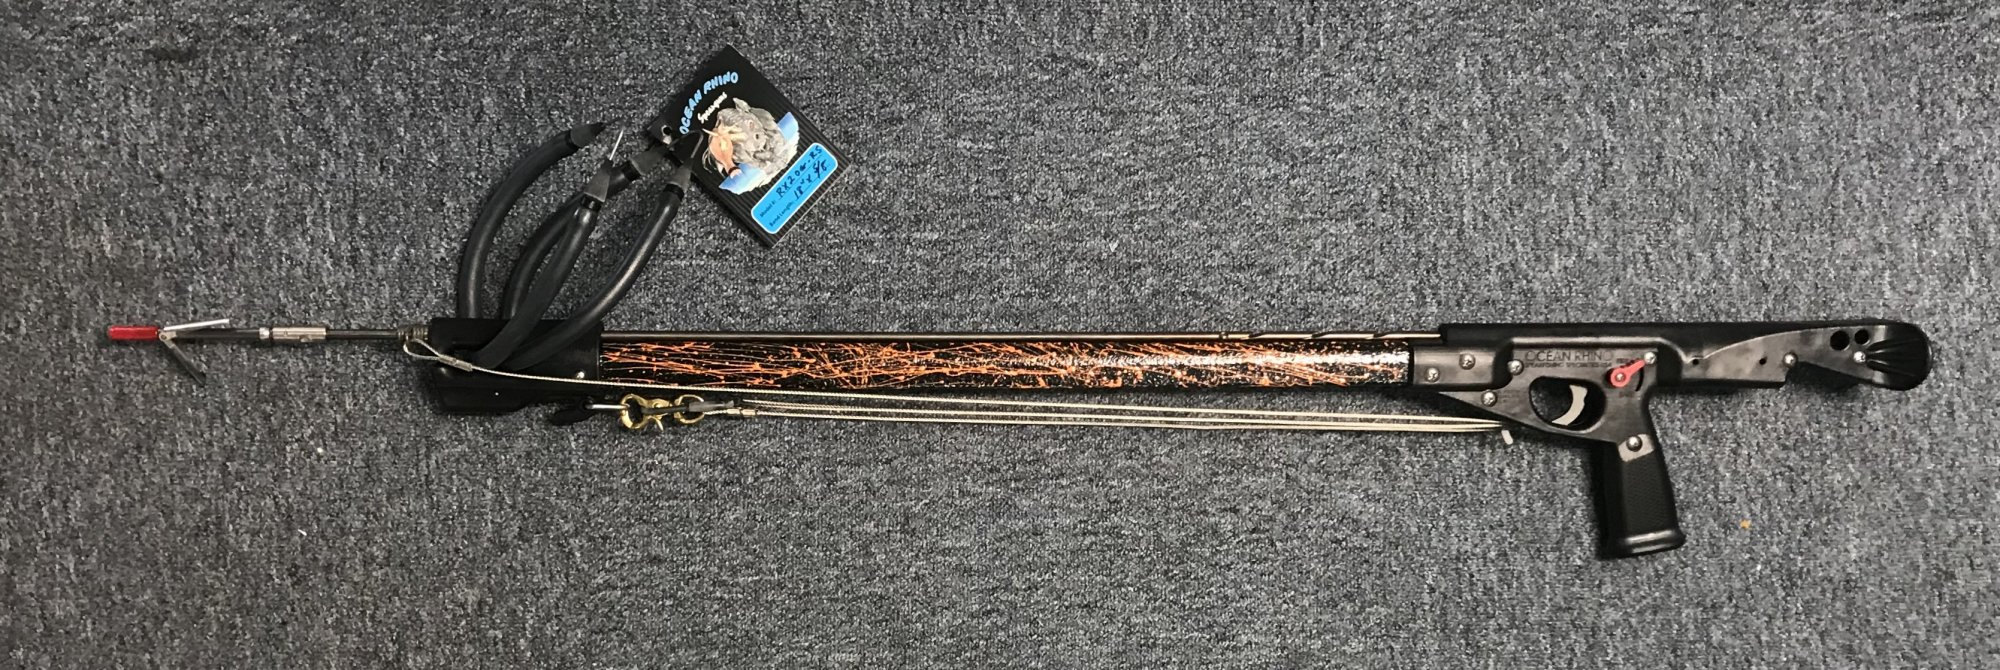 Ocean Rhino Lined Spear Guns